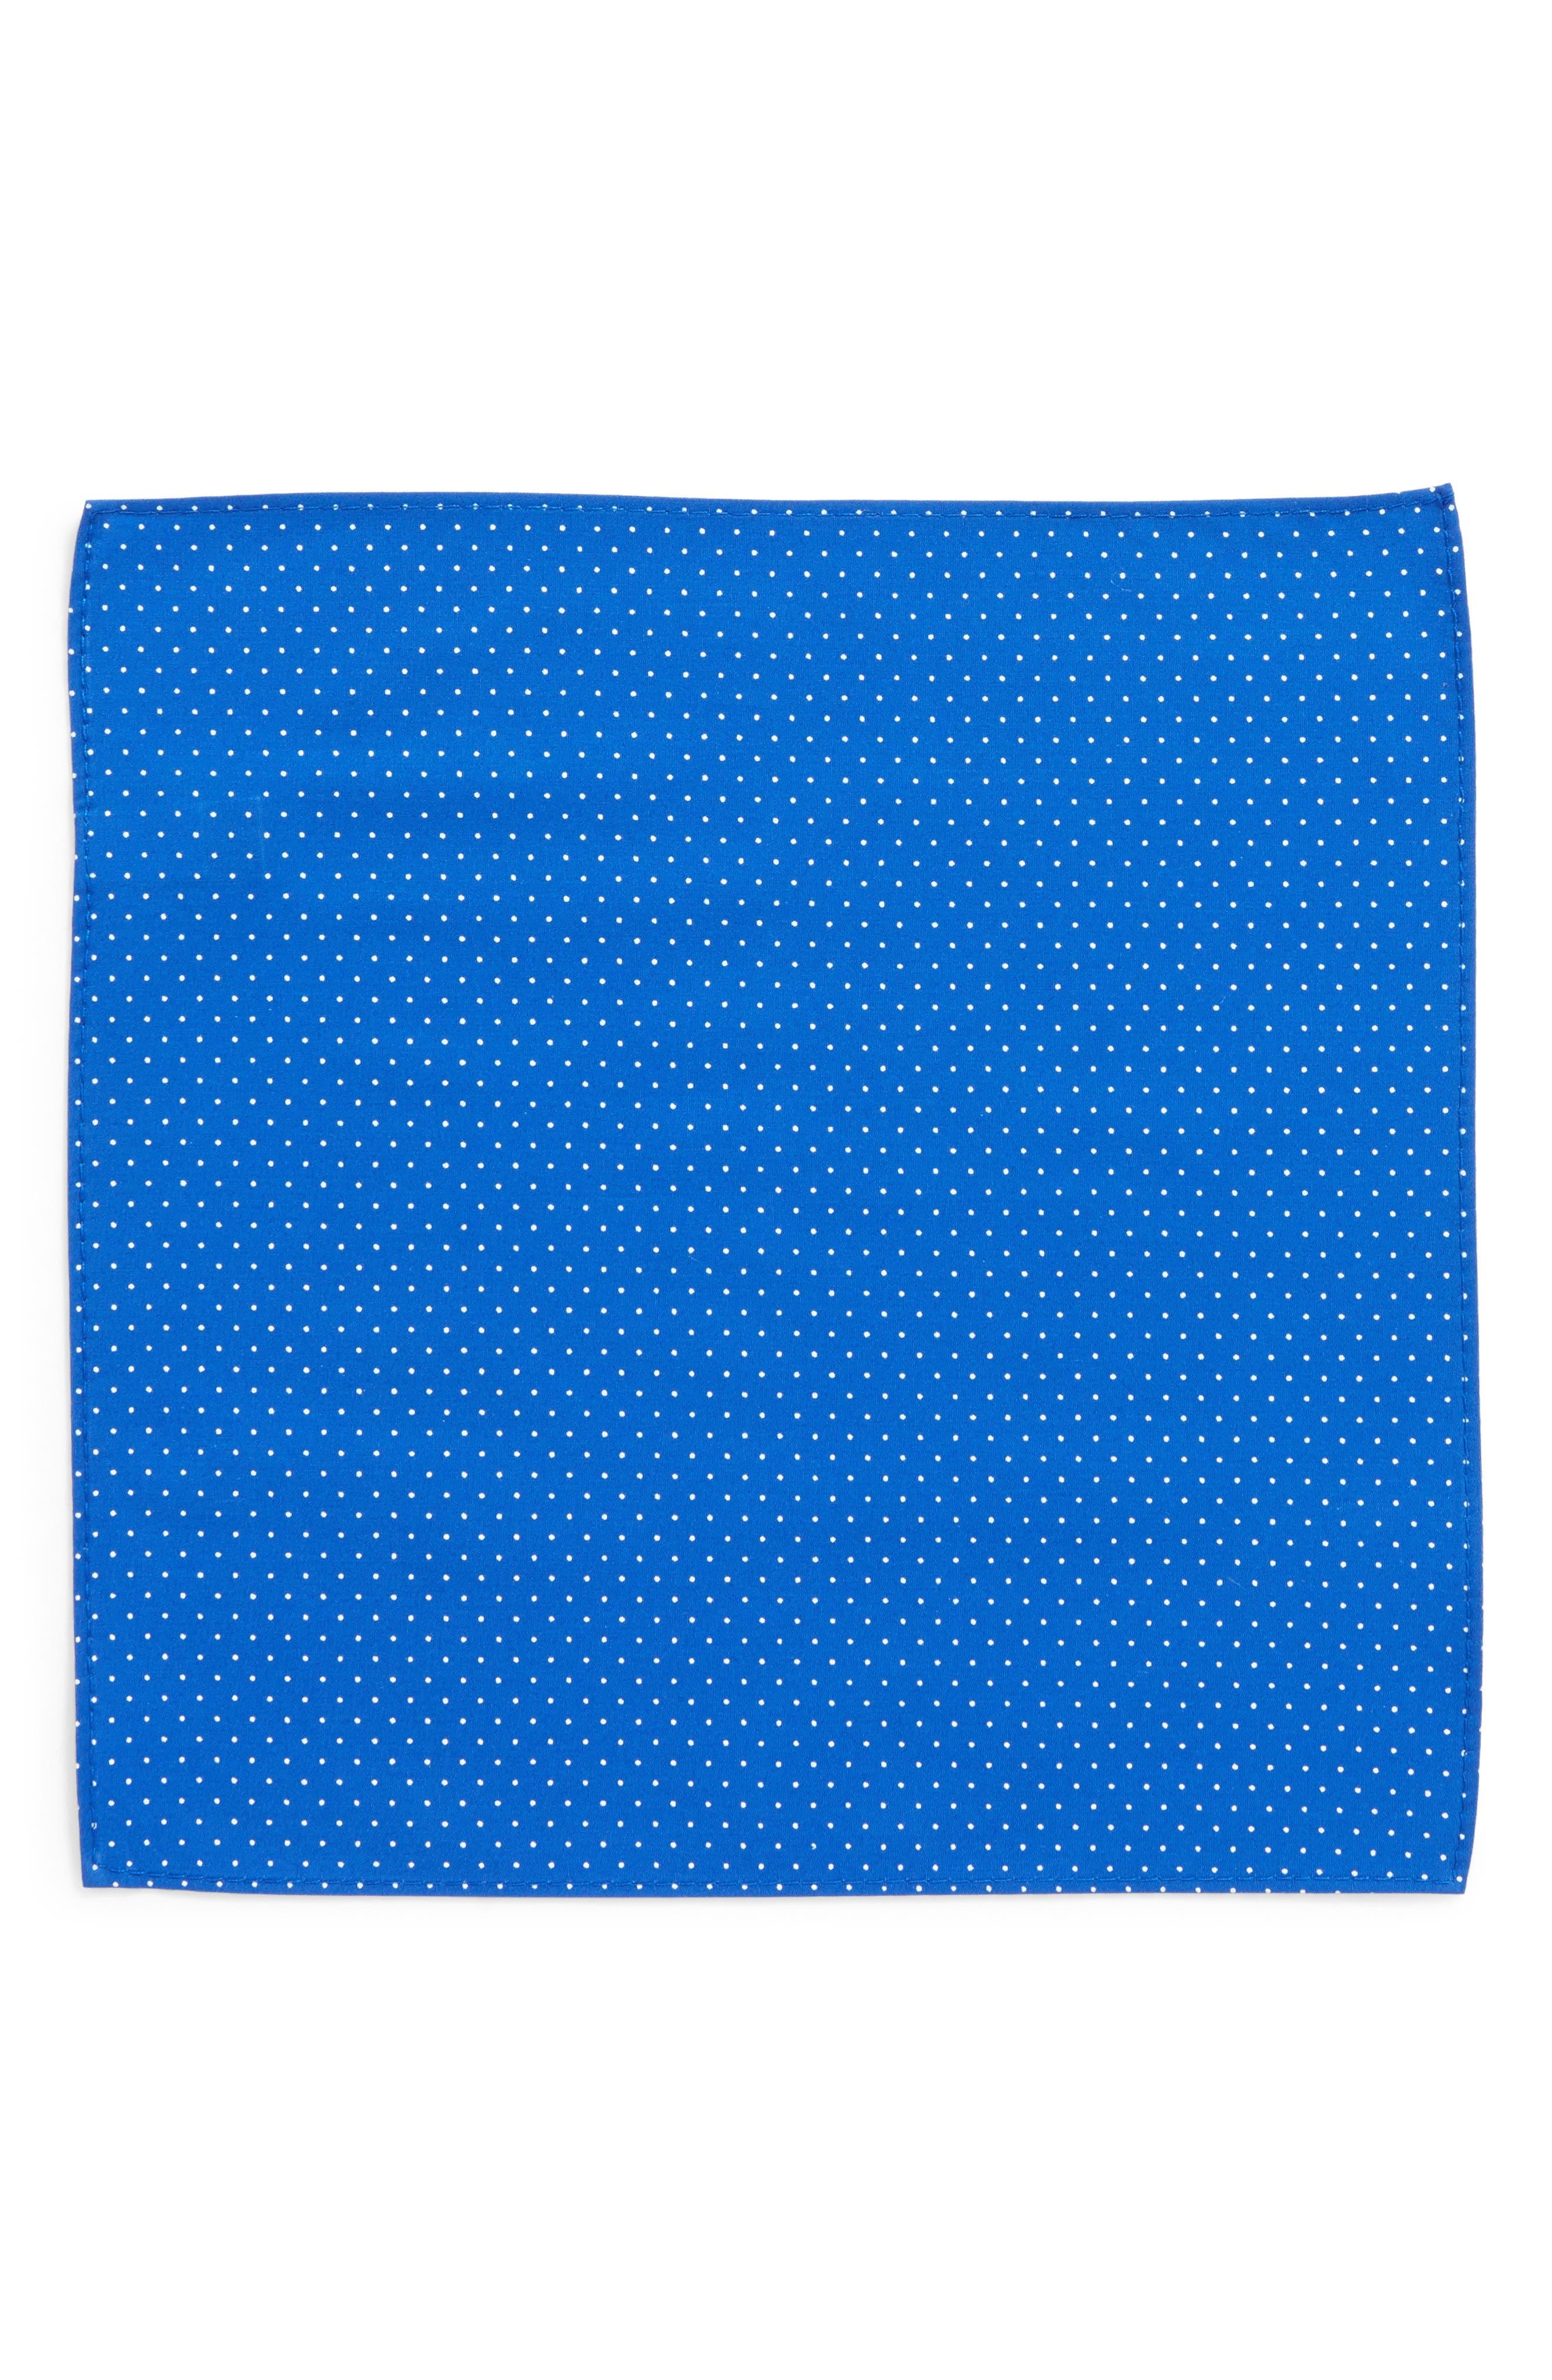 Micro Dot Pocket Square,                             Alternate thumbnail 2, color,                             475